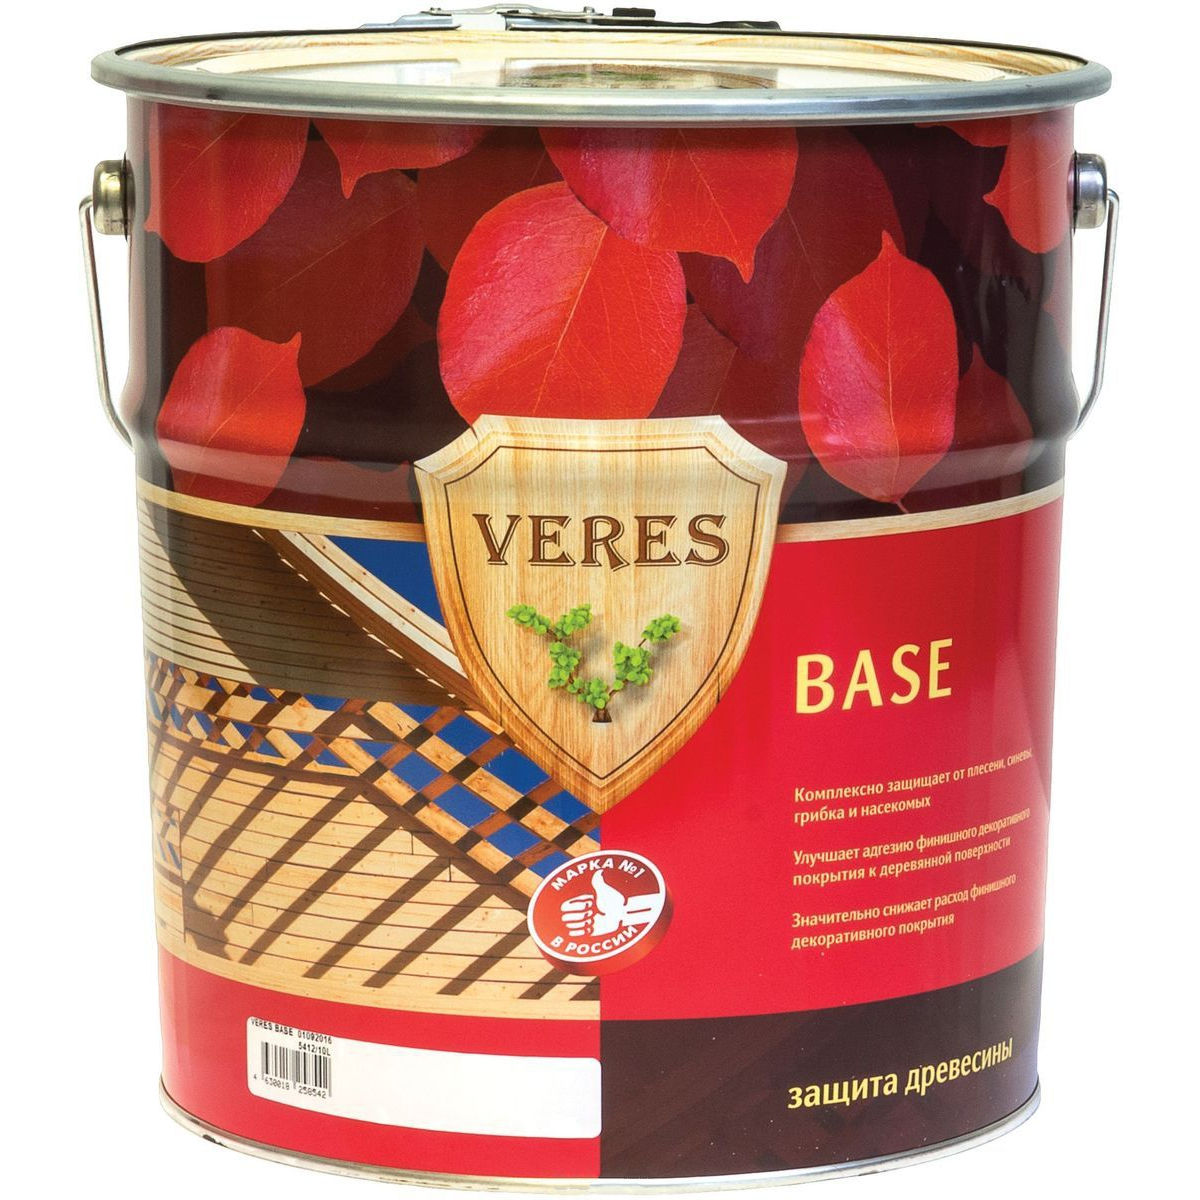 """Фото 3 - Грунтовочный состав Верес """"База"""" биозащитный для древесины [Бесцветный]-[уп. 4 шт по 2,7 л] """"Veres""""."""